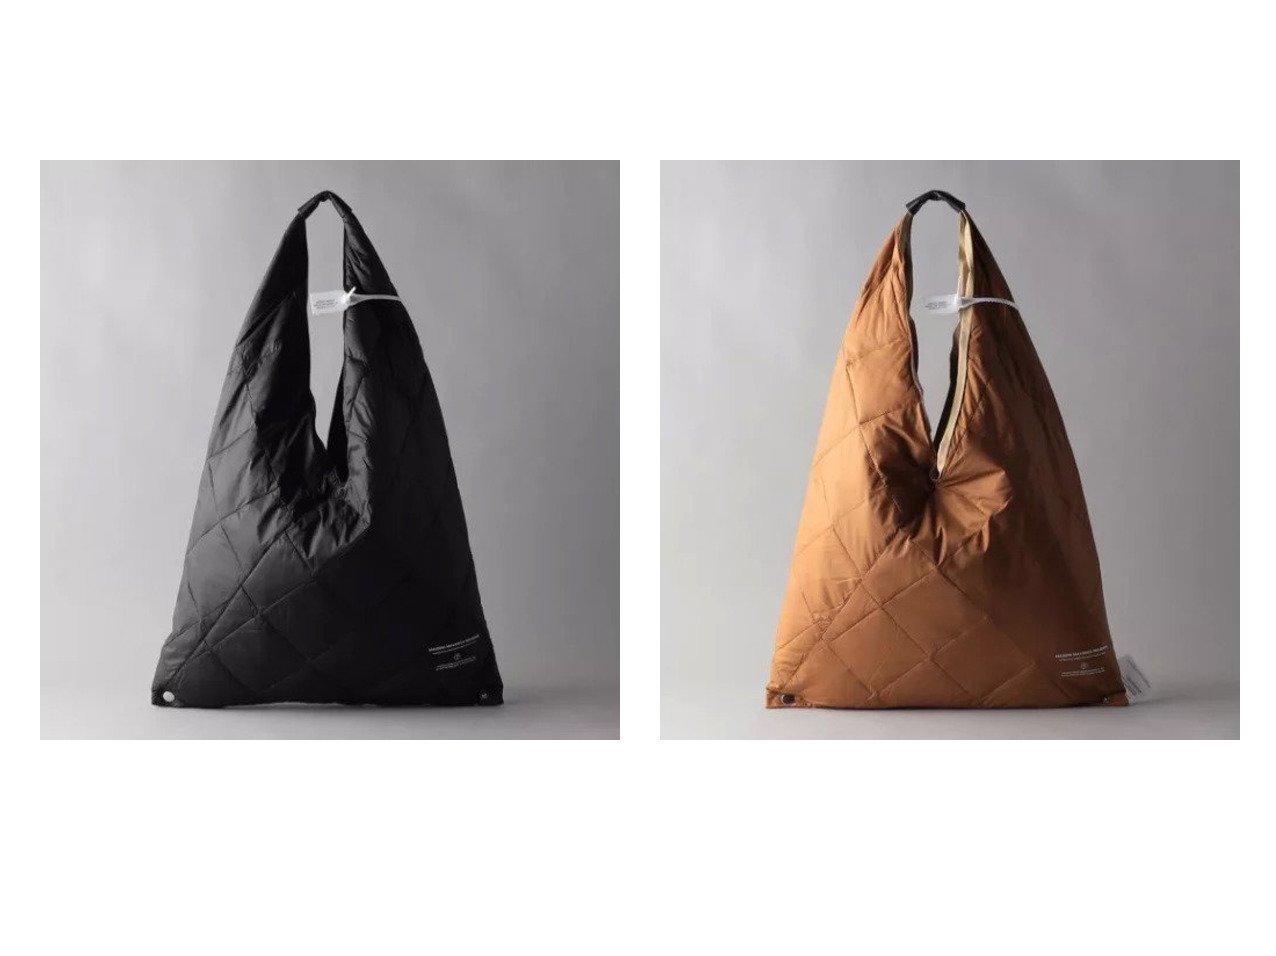 【Odette e Odile/オデット エ オディール】のMAISON MAVERICK PRESENTS Triangle TOTE 【バッグ・鞄】おすすめ!人気、トレンド・レディースファッションの通販  おすすめで人気の流行・トレンド、ファッションの通販商品 メンズファッション・キッズファッション・インテリア・家具・レディースファッション・服の通販 founy(ファニー) https://founy.com/ ファッション Fashion レディースファッション WOMEN バッグ Bag A/W・秋冬 AW・Autumn/Winter・FW・Fall-Winter キルティング  ID:crp329100000032128